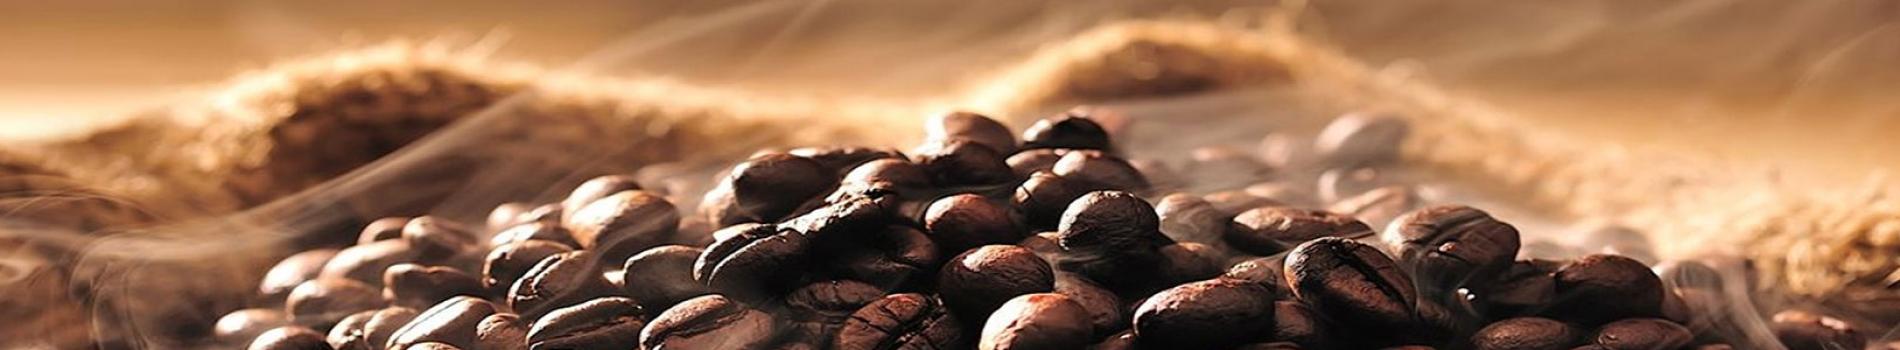 caffe-in-grani